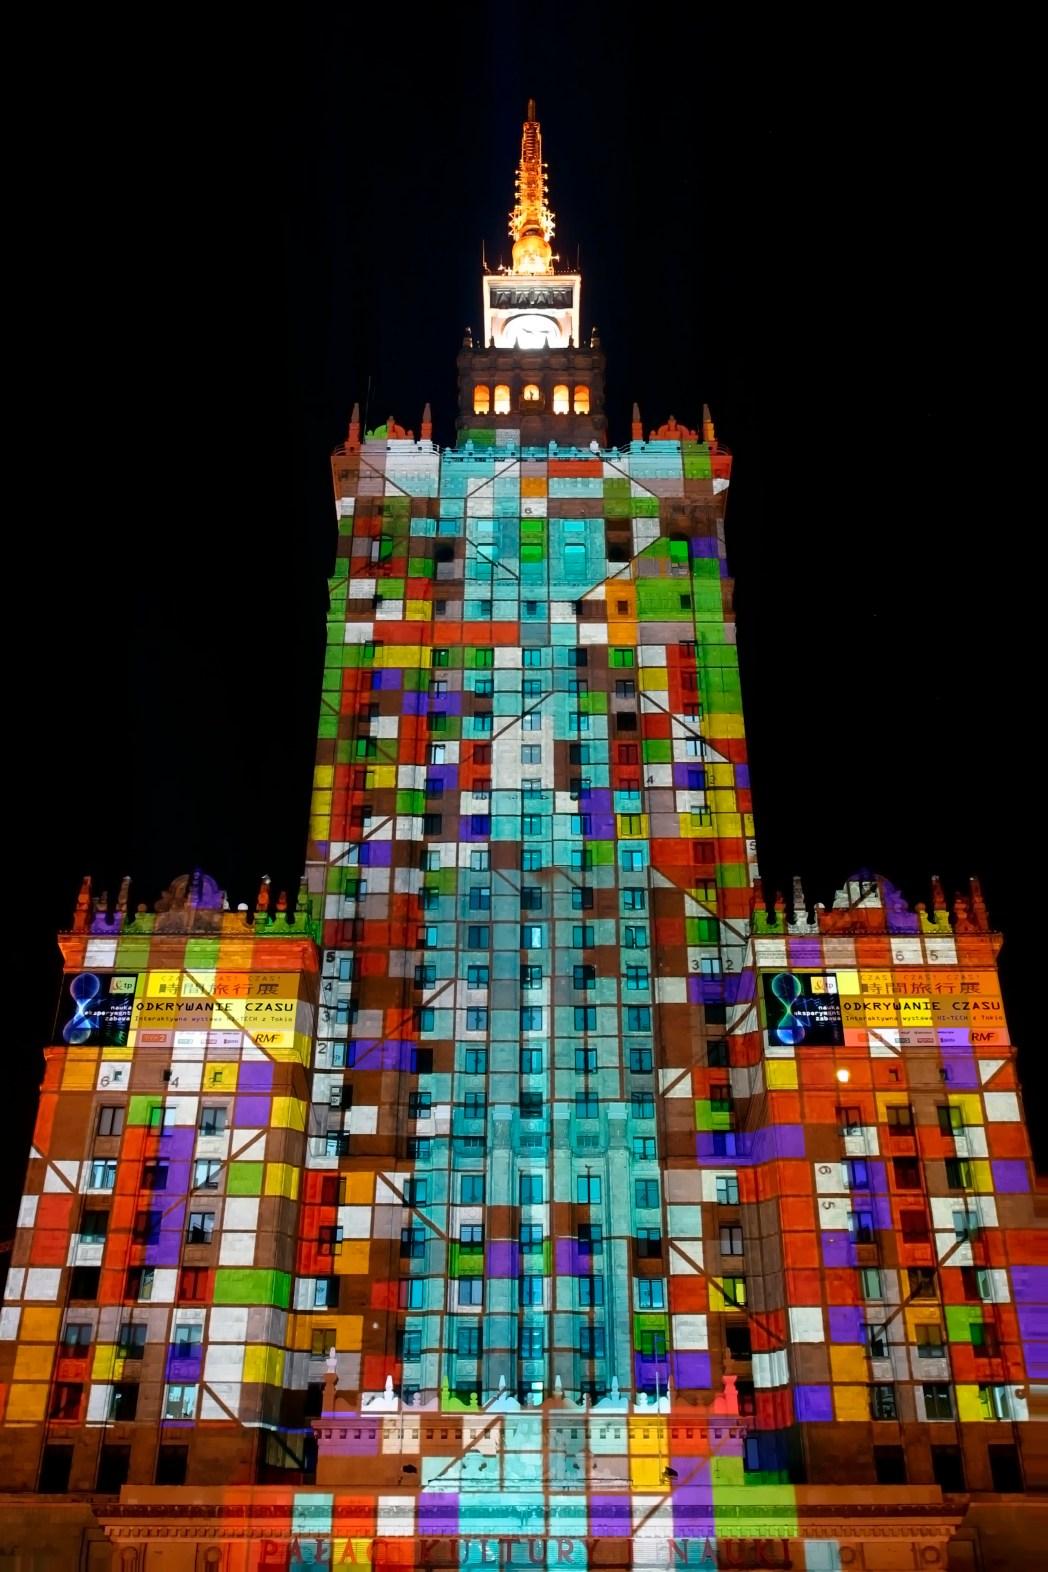 Τα πολύχρωμα φώτα που στολίζουν το Ανάκτορο του Πολιτισμού και των Επιστημών